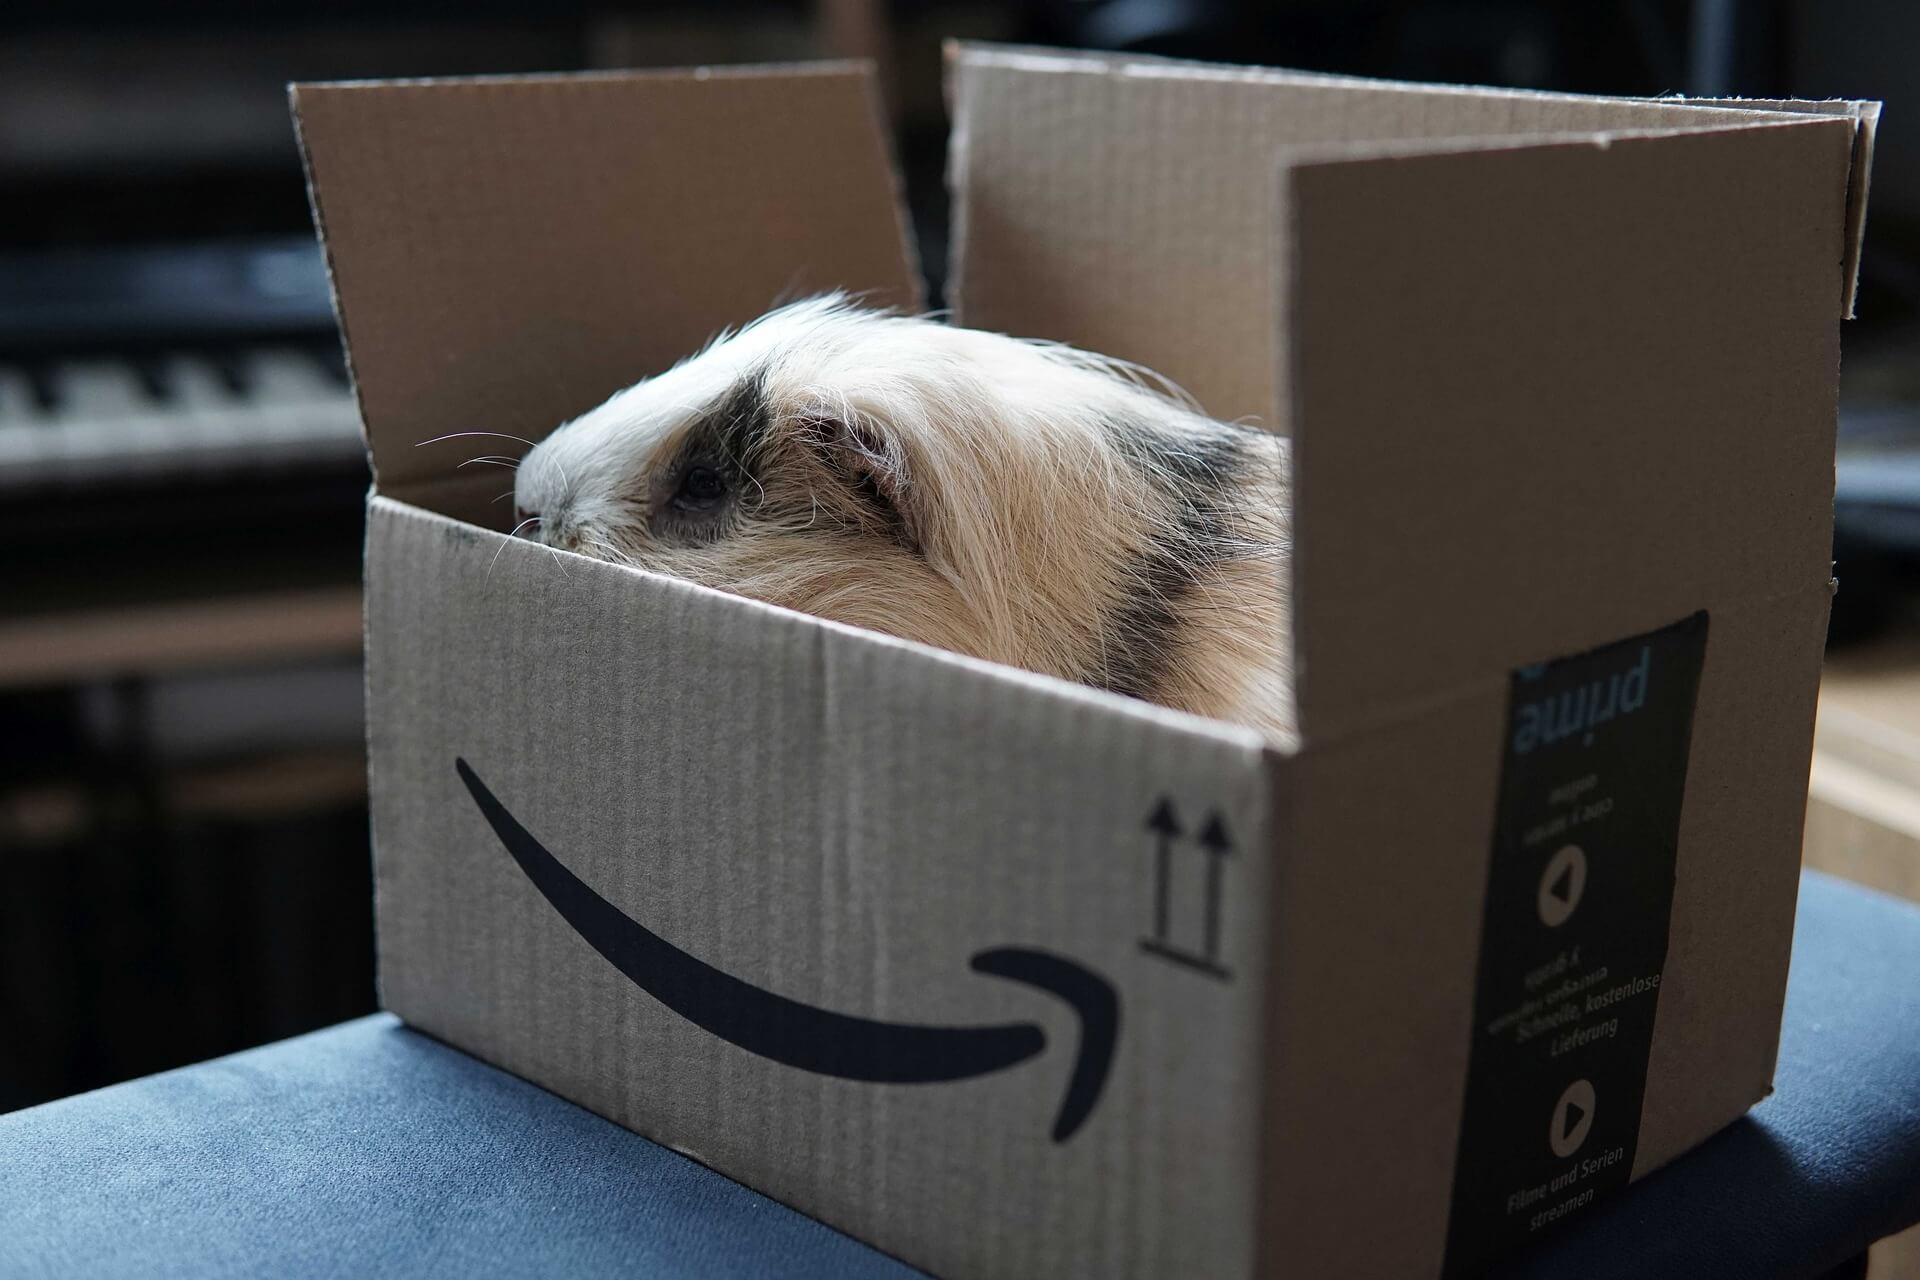 Prime Video, Amazon